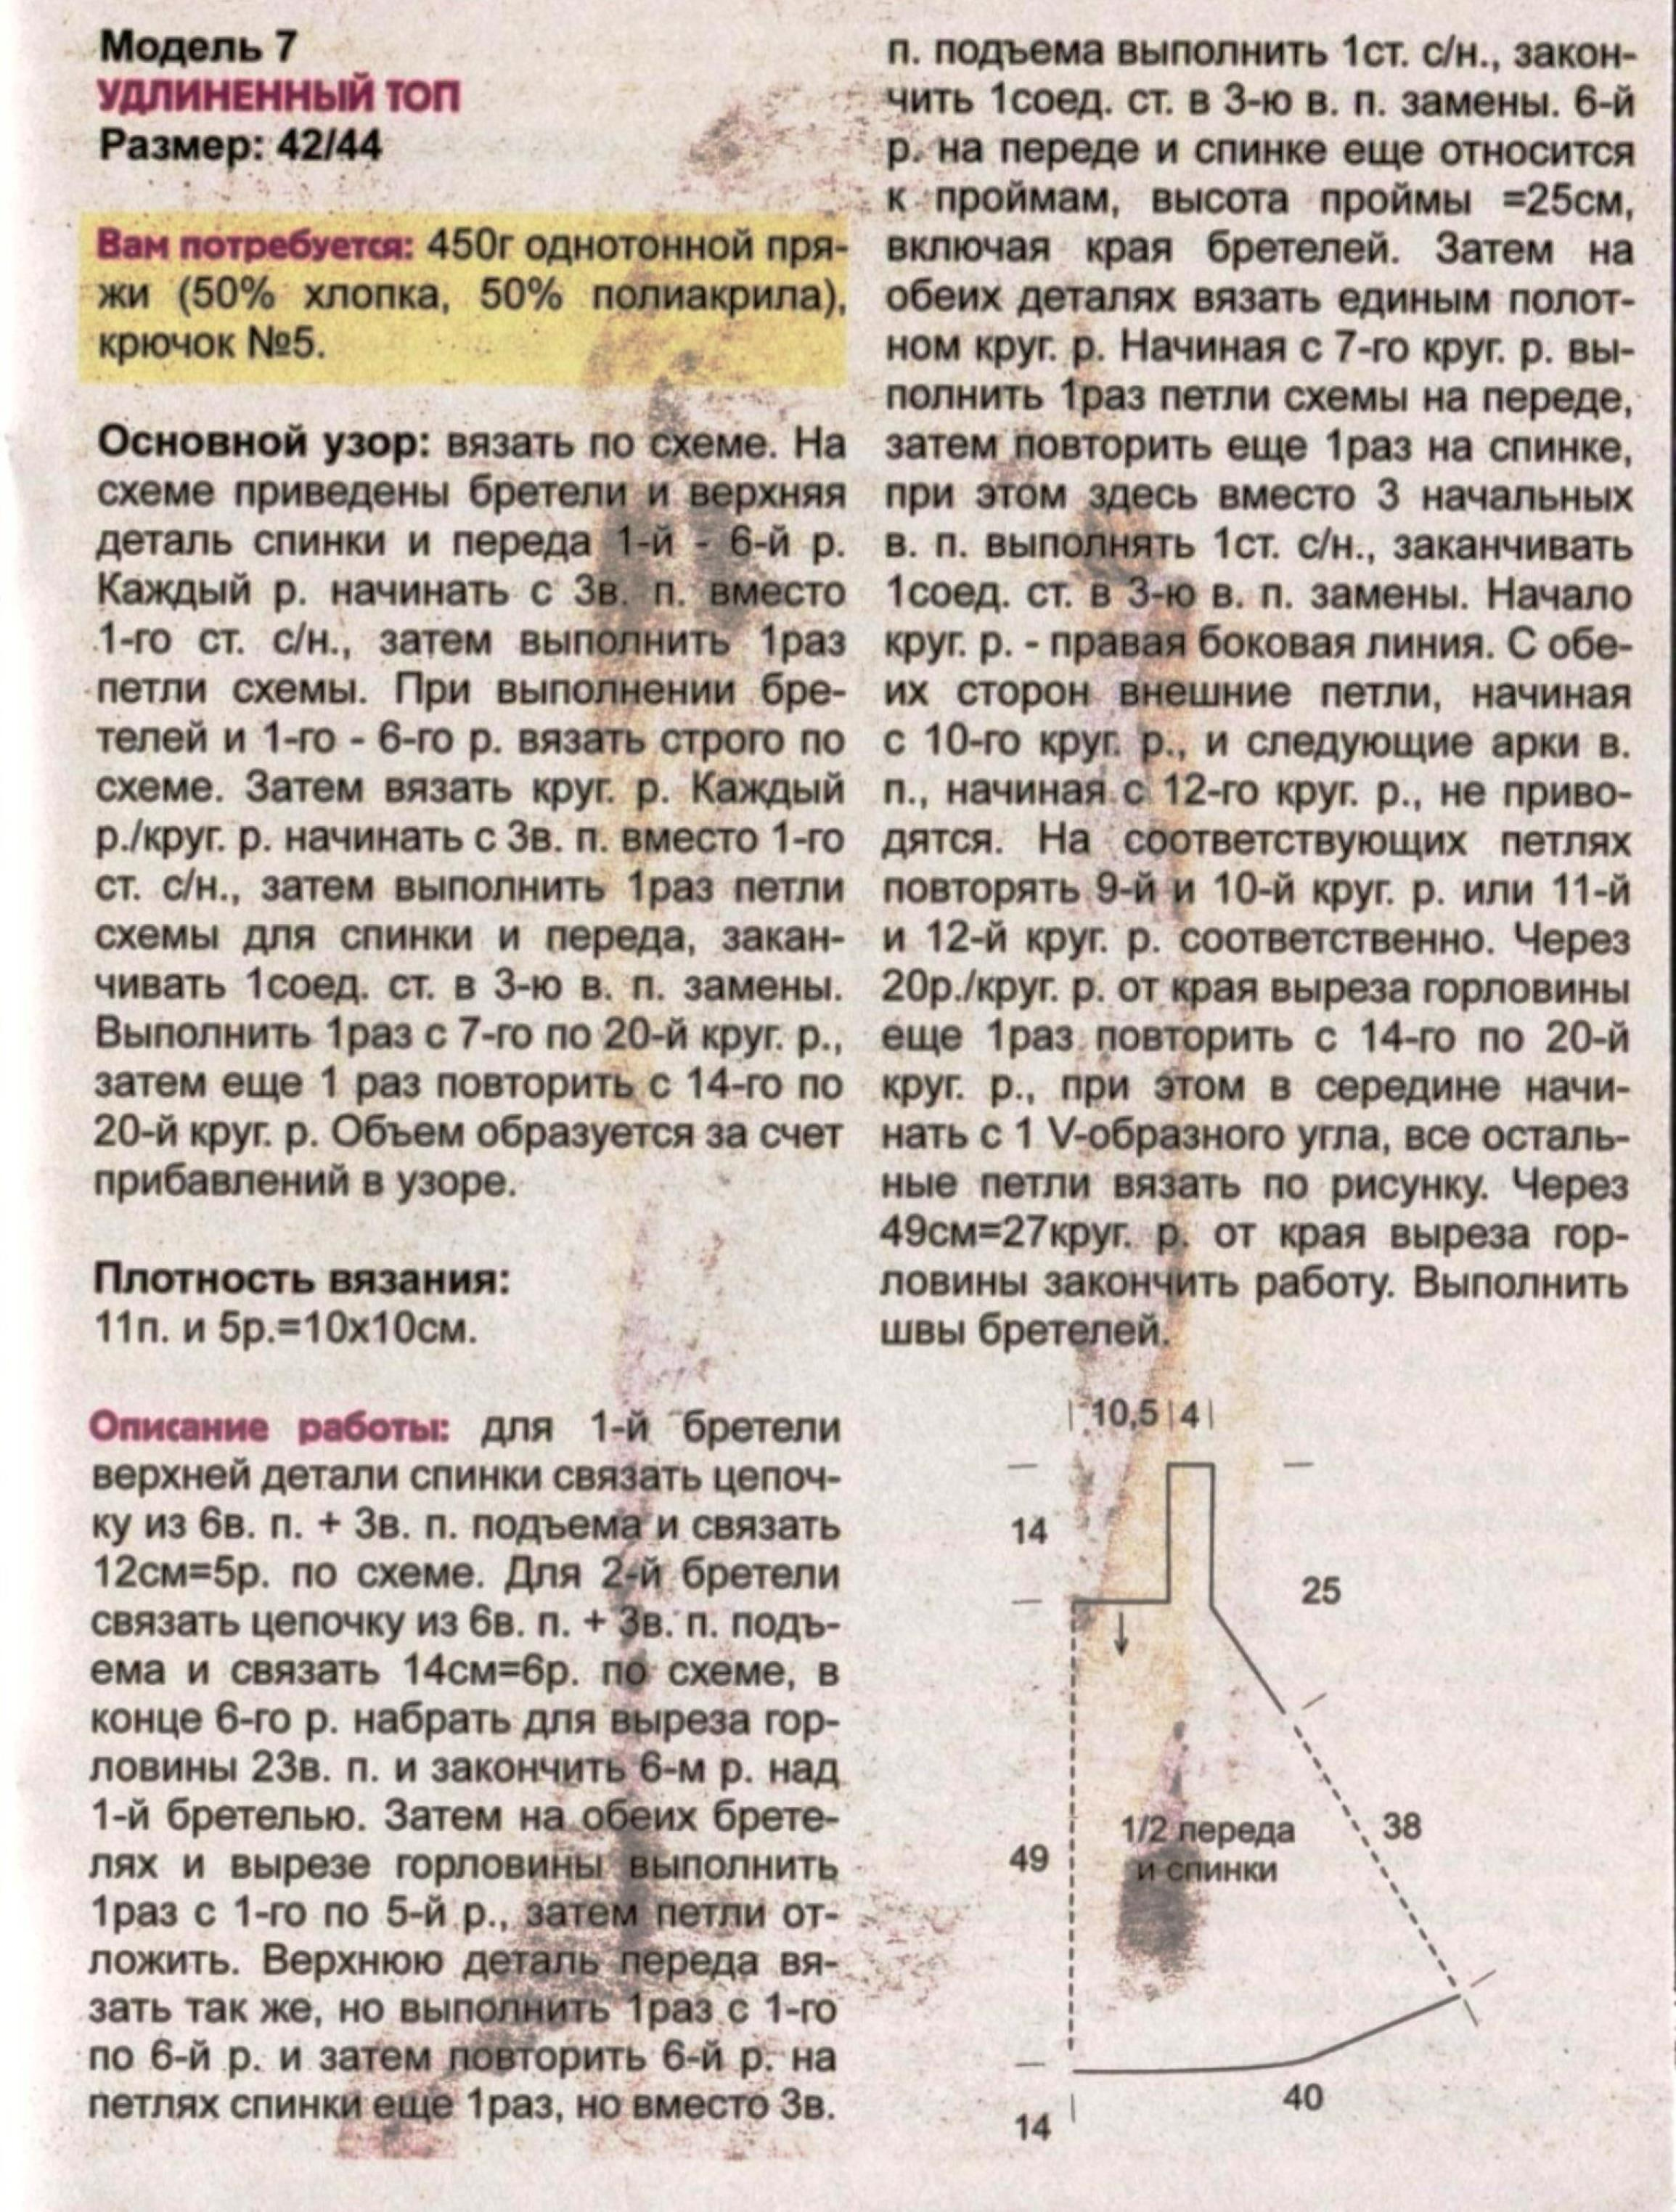 0928_ВС сп. №9, 2013 (9)